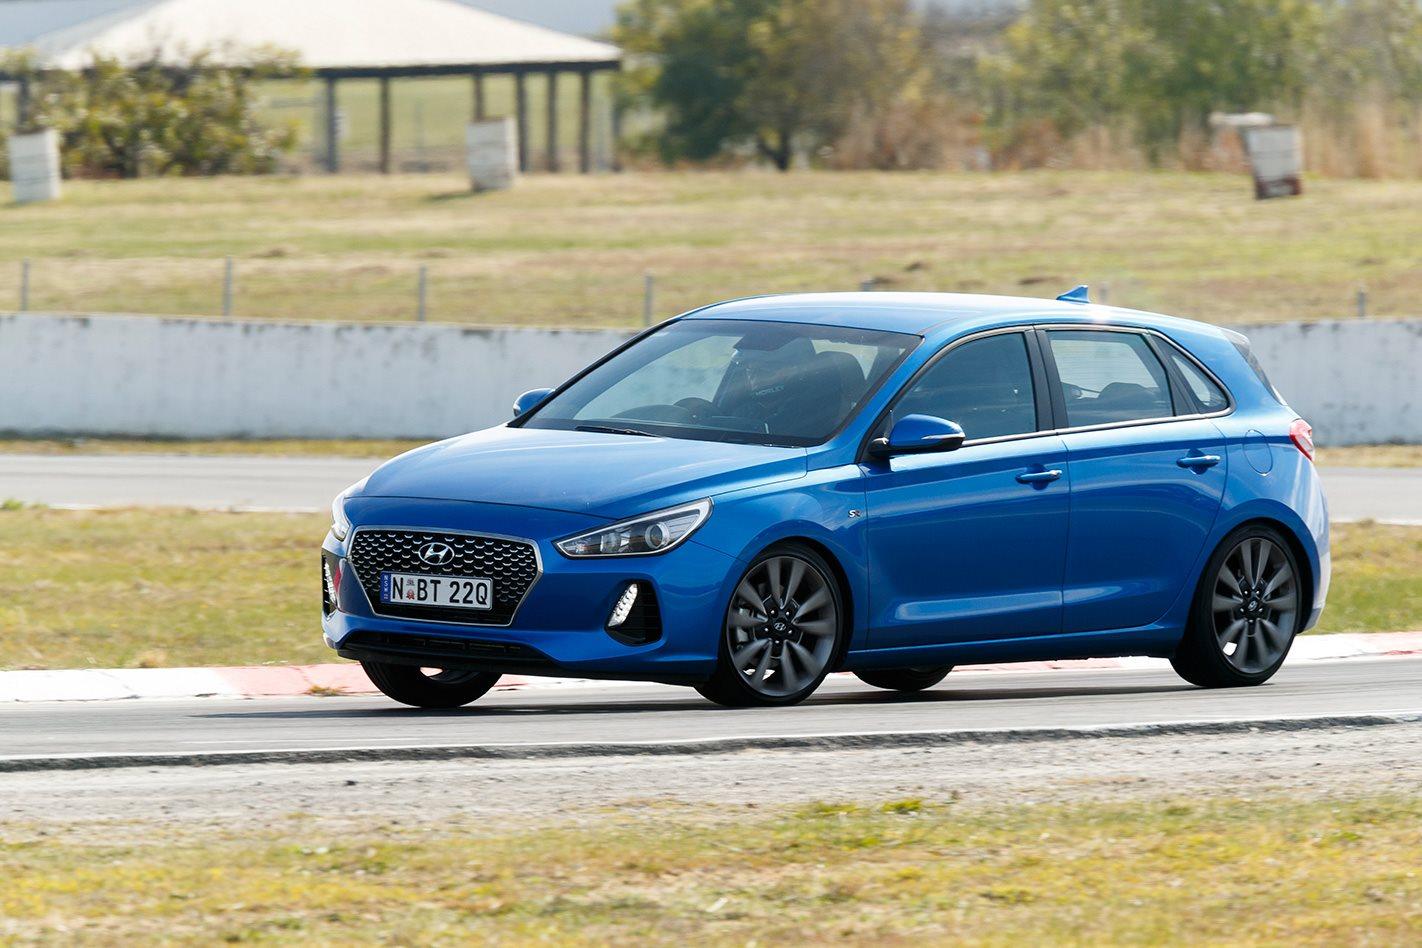 2017 Hyundai i30 SR body